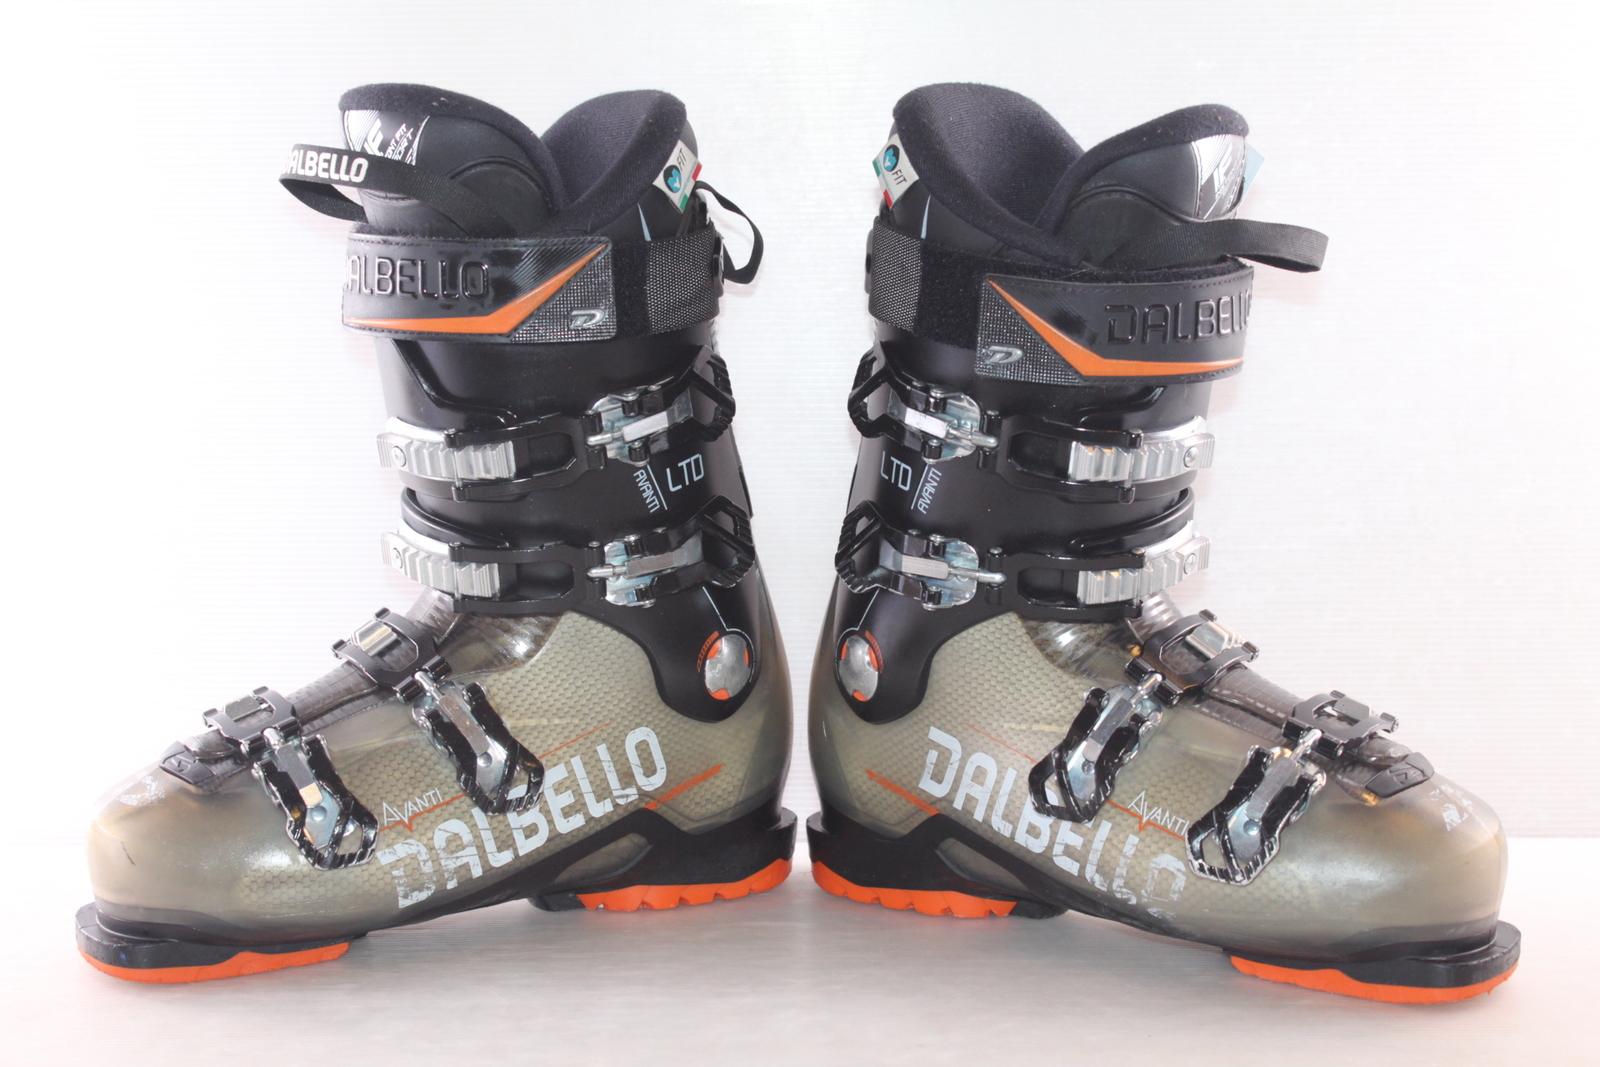 Lyžařské boty Dalbello Avanti Ltd vel. EU42 flexe 80